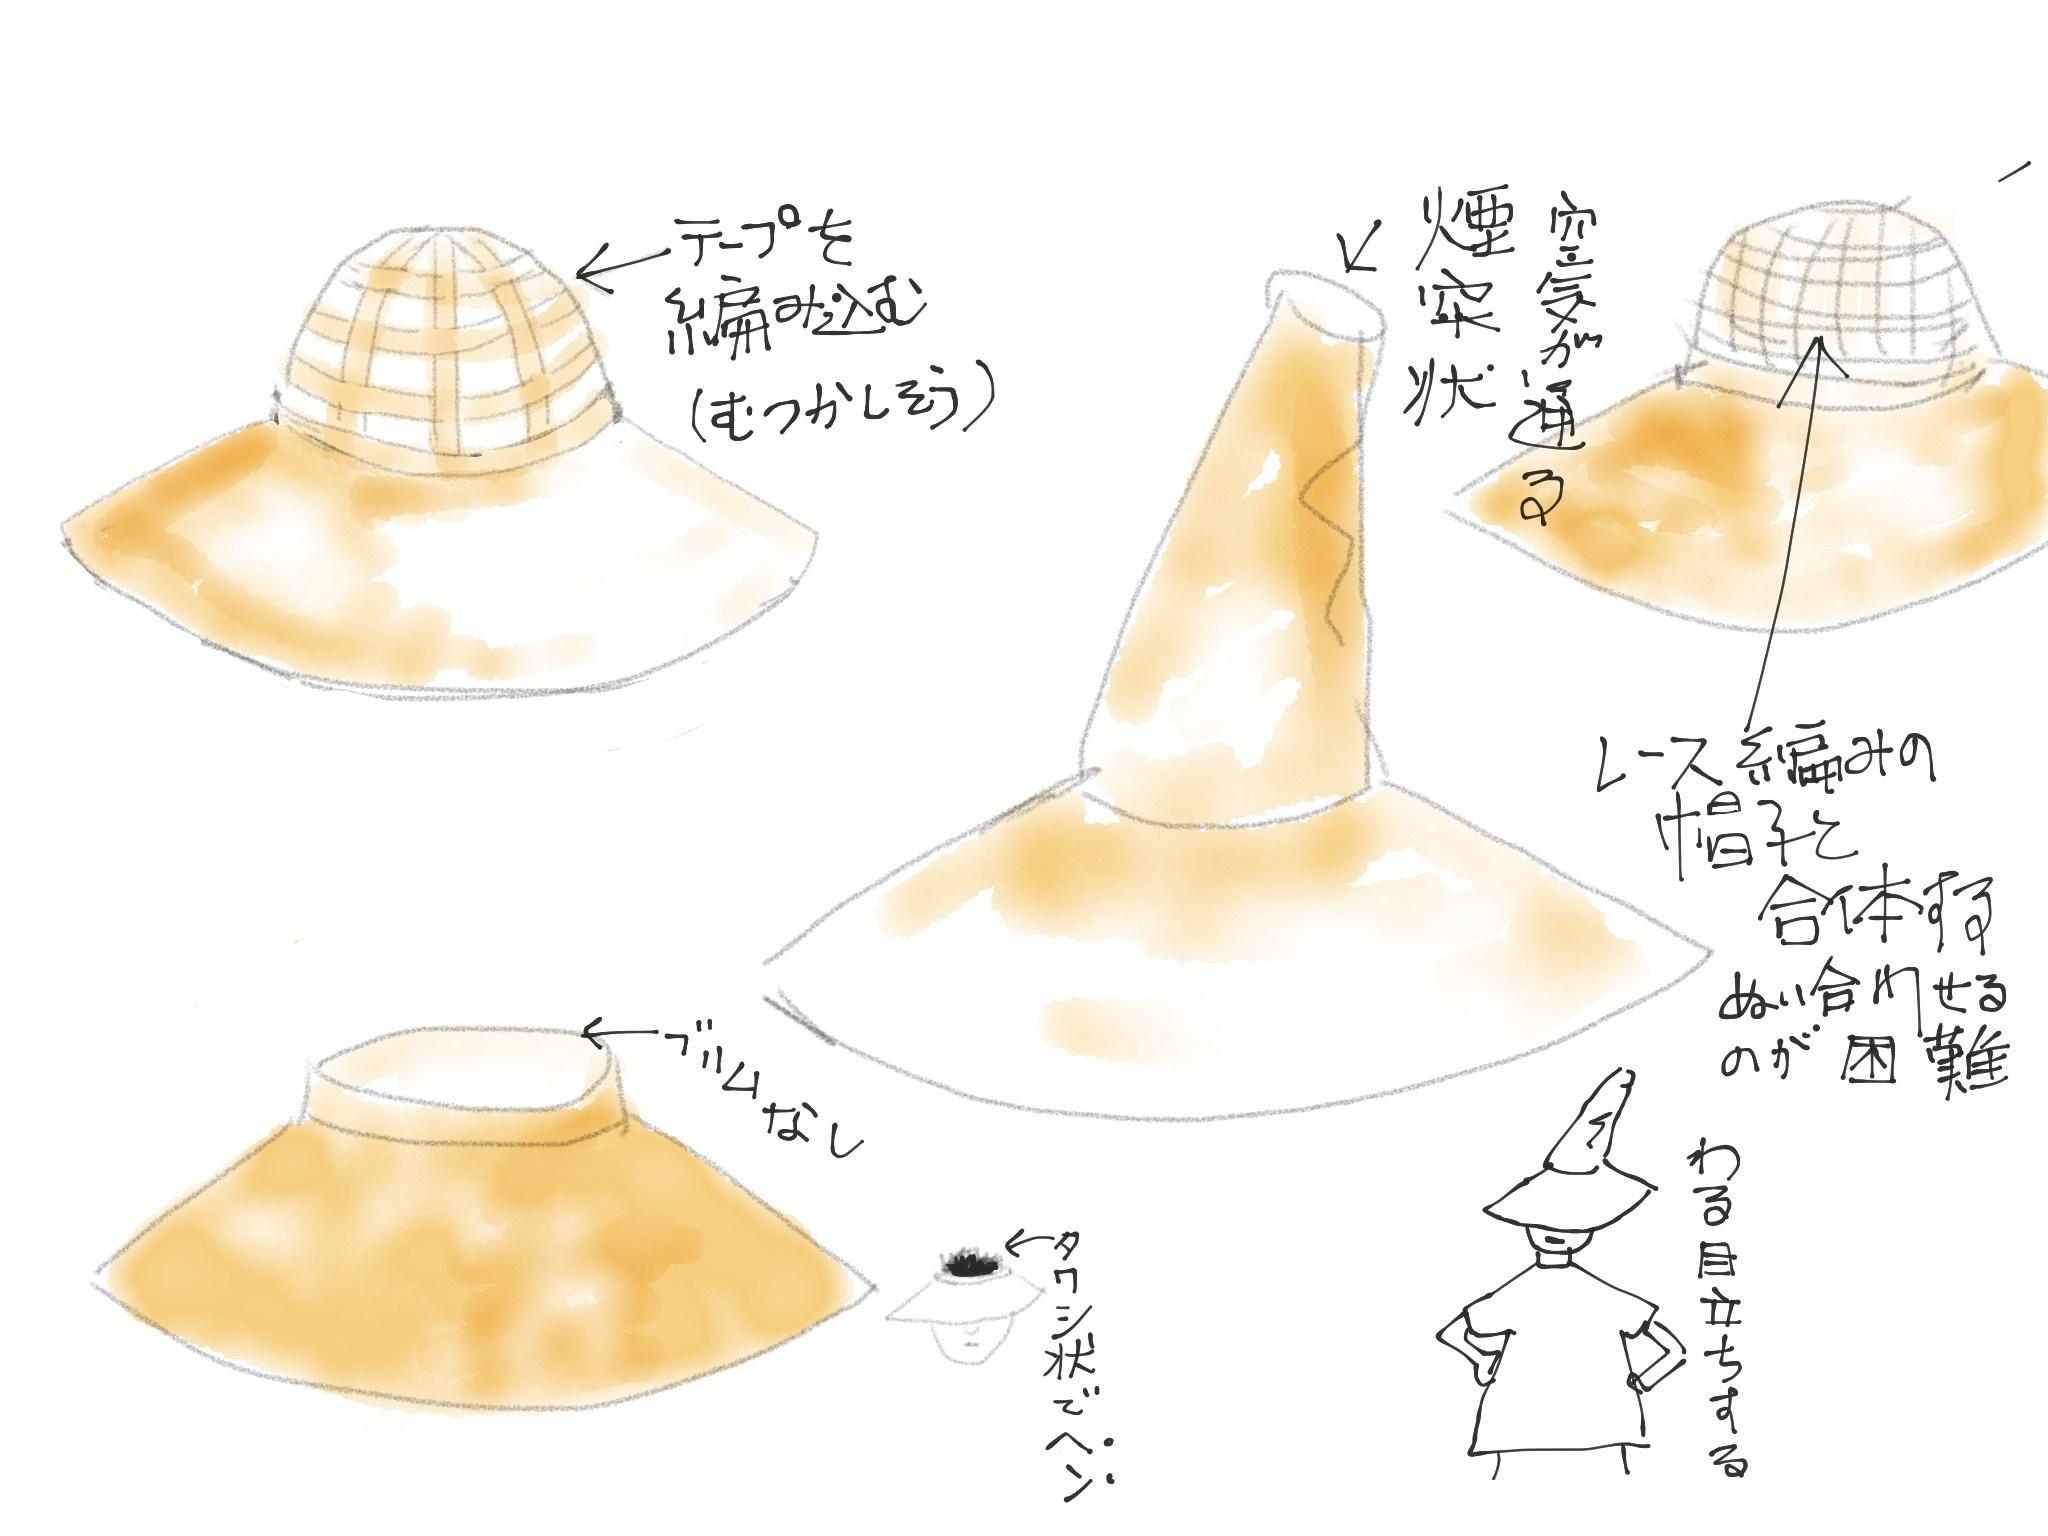 涼しい帽子を作ろうとしたときの思考回路_d0101846_06425653.jpg